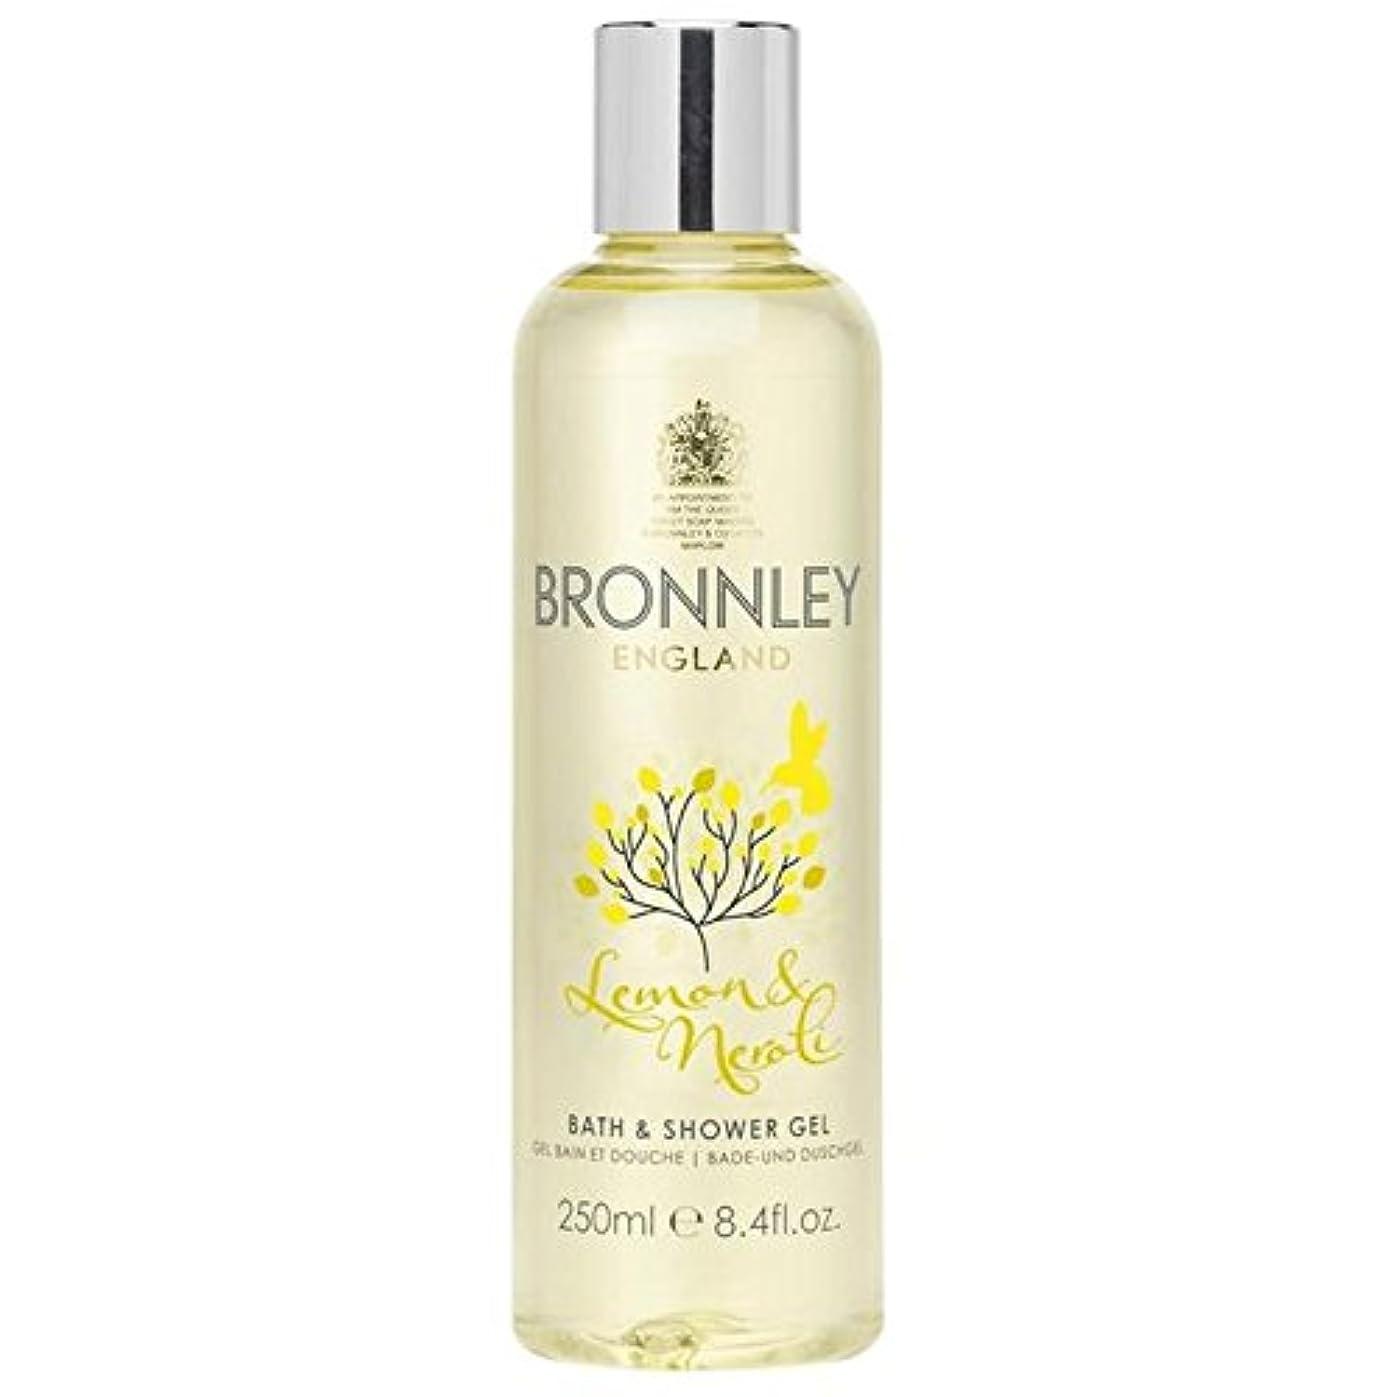 整理するルーム愛されし者Bronnley Lemon & Neroli Bath & Shower Gel 250ml - レモン&ネロリバス&シャワージェル250ミリリットル [並行輸入品]